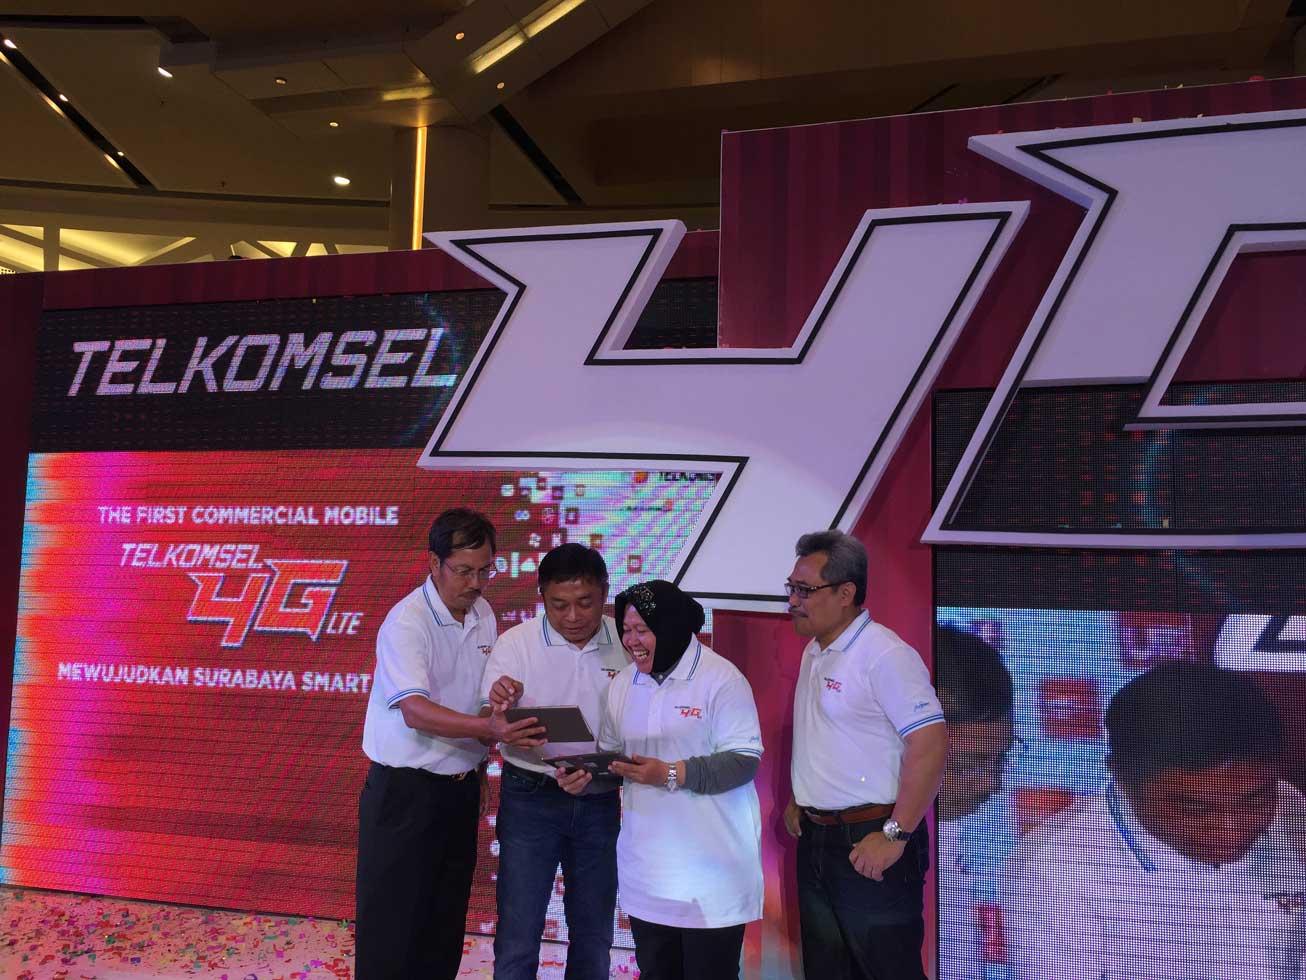 Telkomsel 4G LTE Hadir di Surabaya